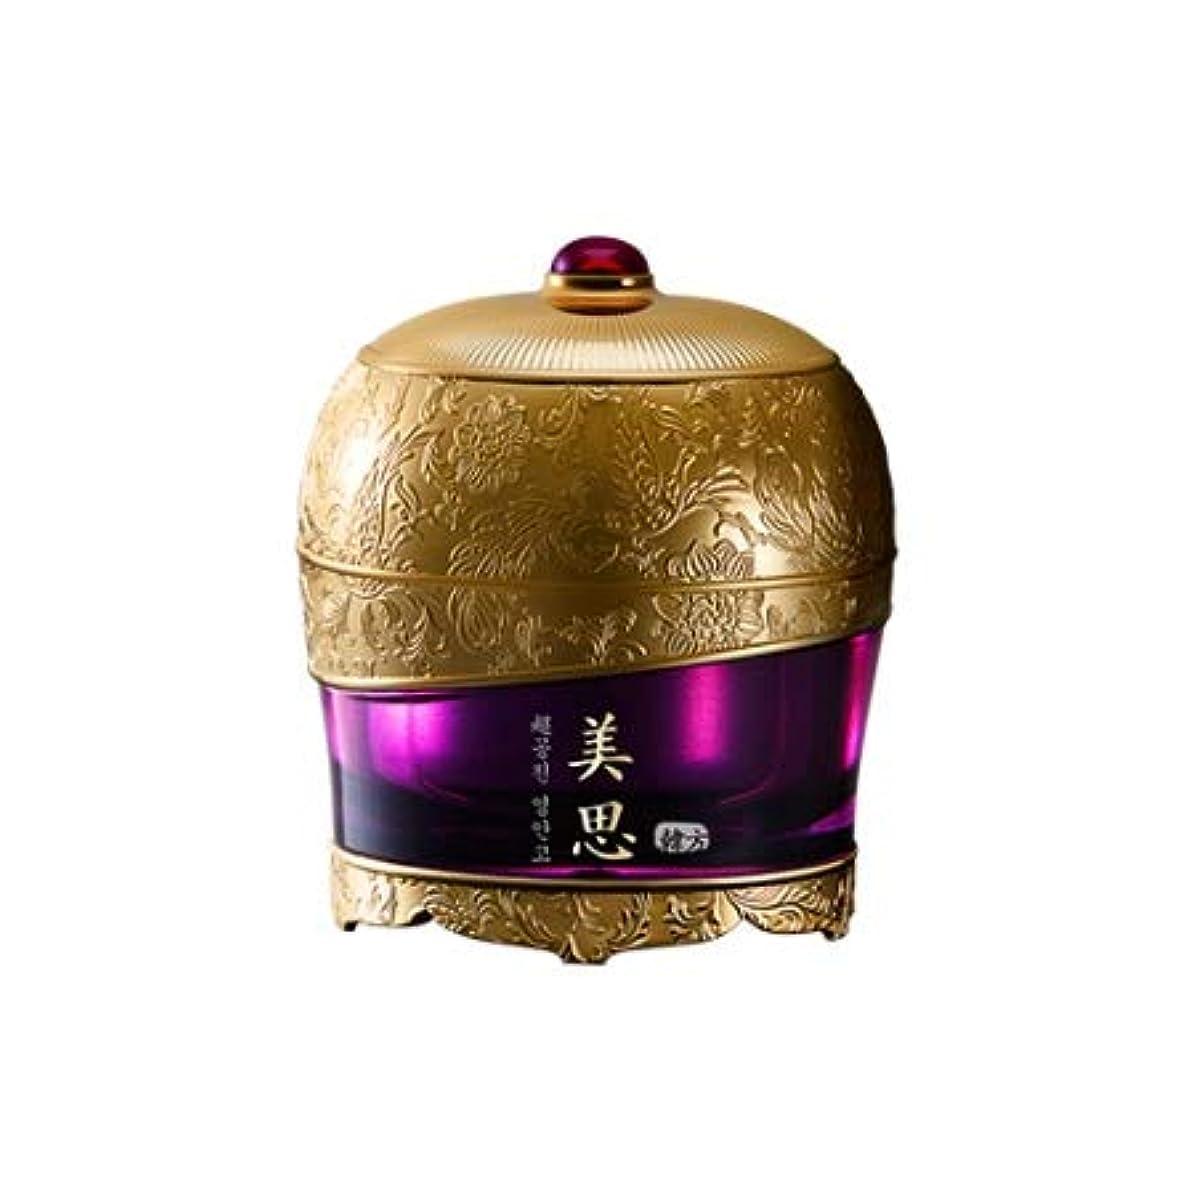 二週間幻想的レキシコンMISSHA Chogongjin Premium cream ミシャ美思超拱辰(チョゴンジン) 永安膏 クリーム クリーム 60ml [並行輸入品]